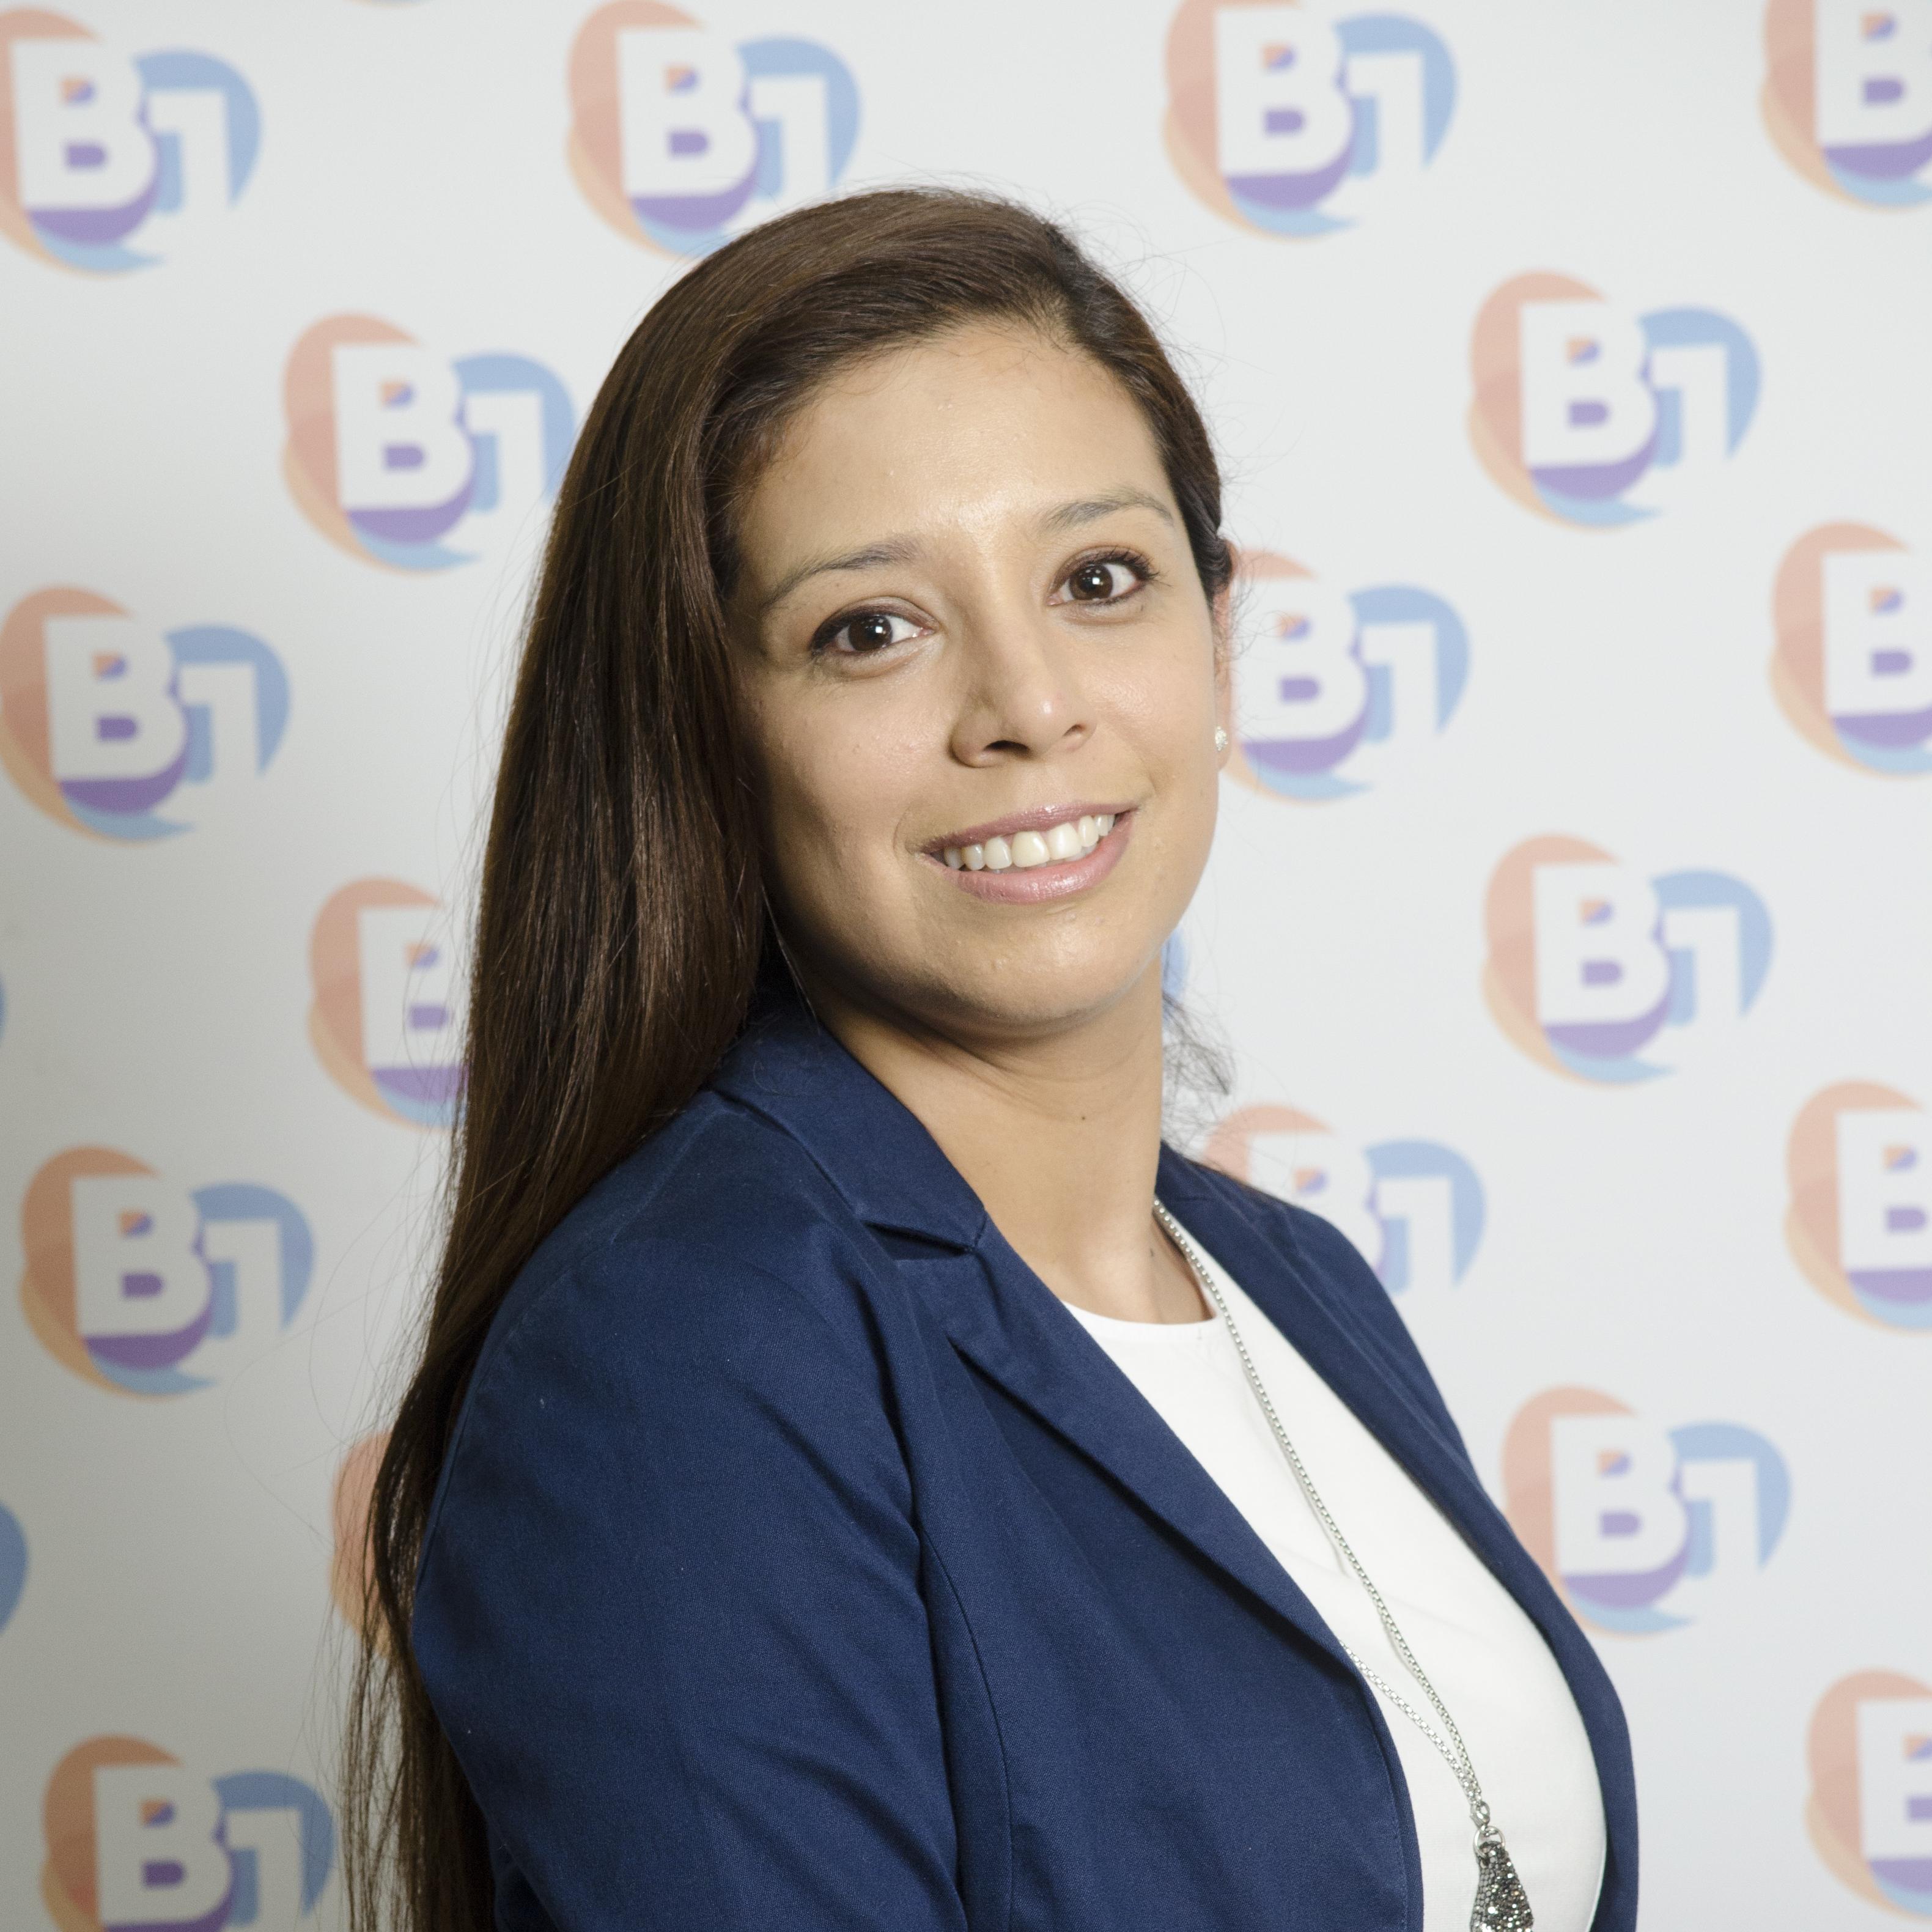 Luisa Adriana Gutiérrez Ureña